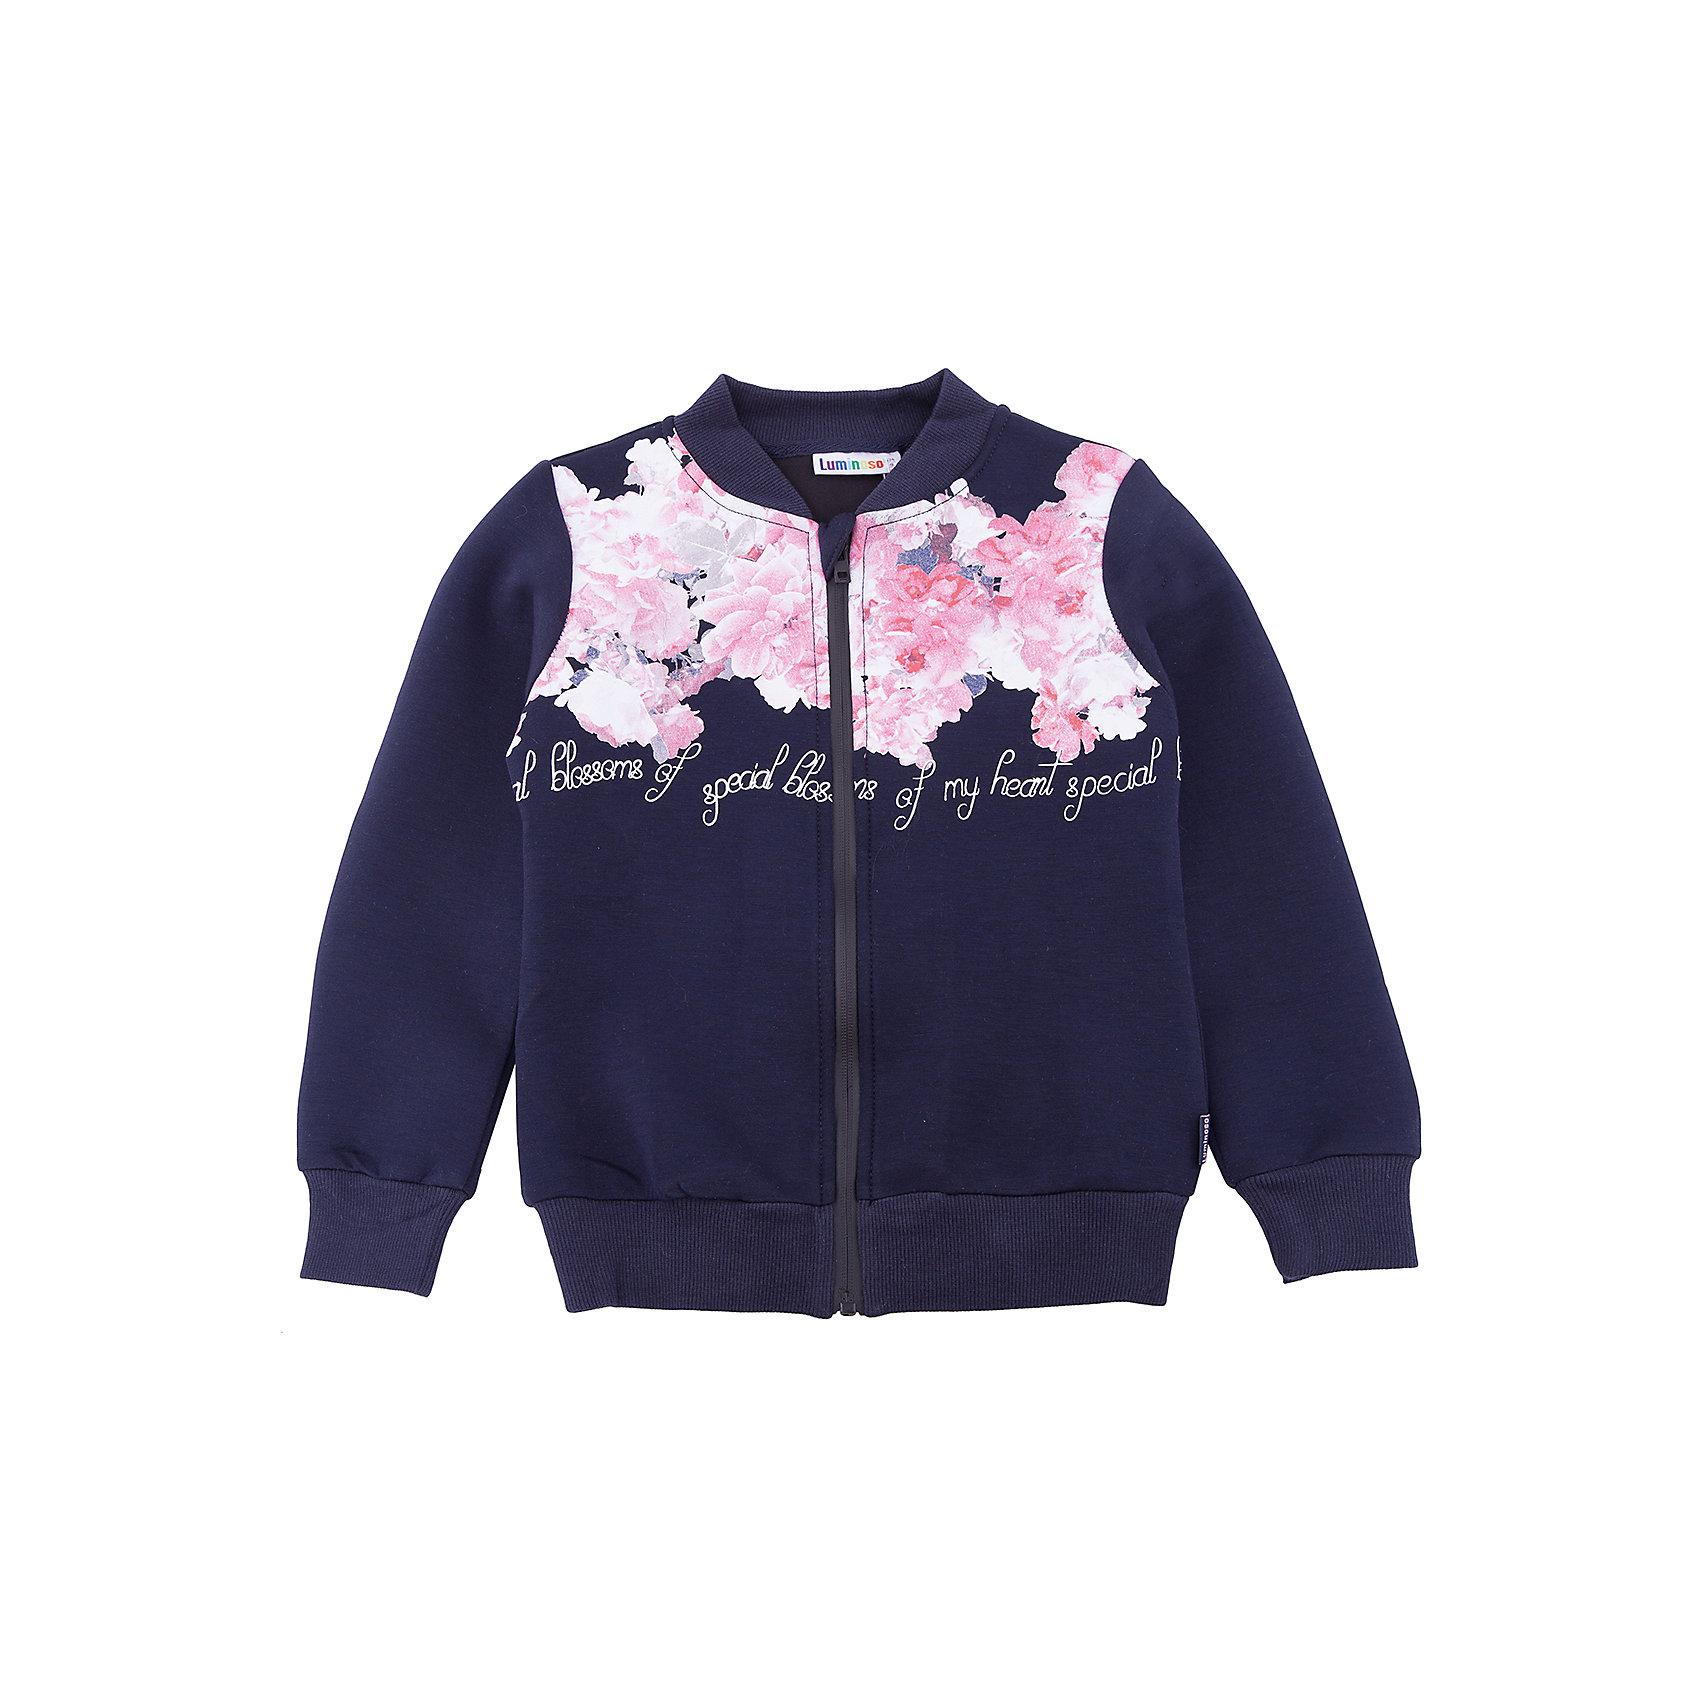 Куртка Luminoso для девочкиВерхняя одежда<br>Характеристики товара:<br><br>• цвет: синий<br>• состав ткани: 55% вискоза, 40% полиэстер, 5% эластан<br>• сезон: демисезон<br>• застежка: молния<br>• длинные рукава<br>• страна бренда: Россия<br>• страна изготовитель: Россия<br><br>Такая стильная куртка отличается цветочным принтом. Легкая куртка для ребенка поможет обеспечить необходимый уровень комфорта в прохладную погоду. Плотная ткань детской куртки защитят ребенка от холодного воздуха. <br><br>Куртку Luminoso (Люминозо) для девочки можно купить в нашем интернет-магазине.<br><br>Ширина мм: 356<br>Глубина мм: 10<br>Высота мм: 245<br>Вес г: 519<br>Цвет: синий<br>Возраст от месяцев: 96<br>Возраст до месяцев: 108<br>Пол: Женский<br>Возраст: Детский<br>Размер: 134,164,140,146,152,158<br>SKU: 7097229